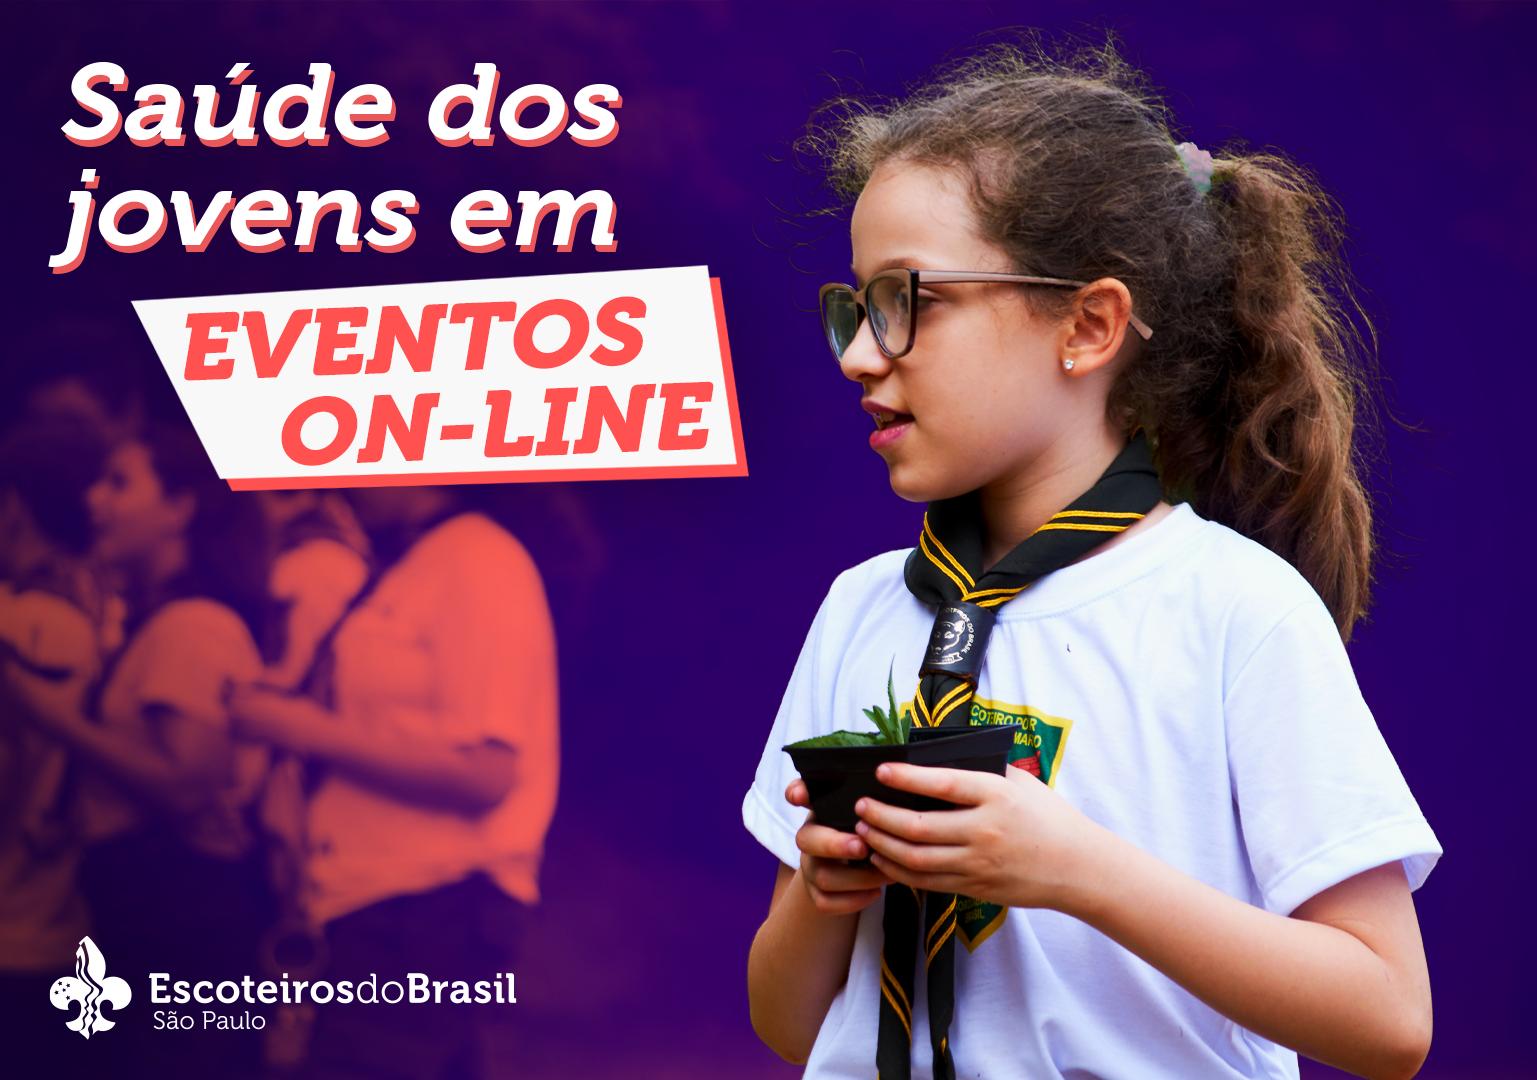 Cuidados com a saúde dos jovens nos eventos online